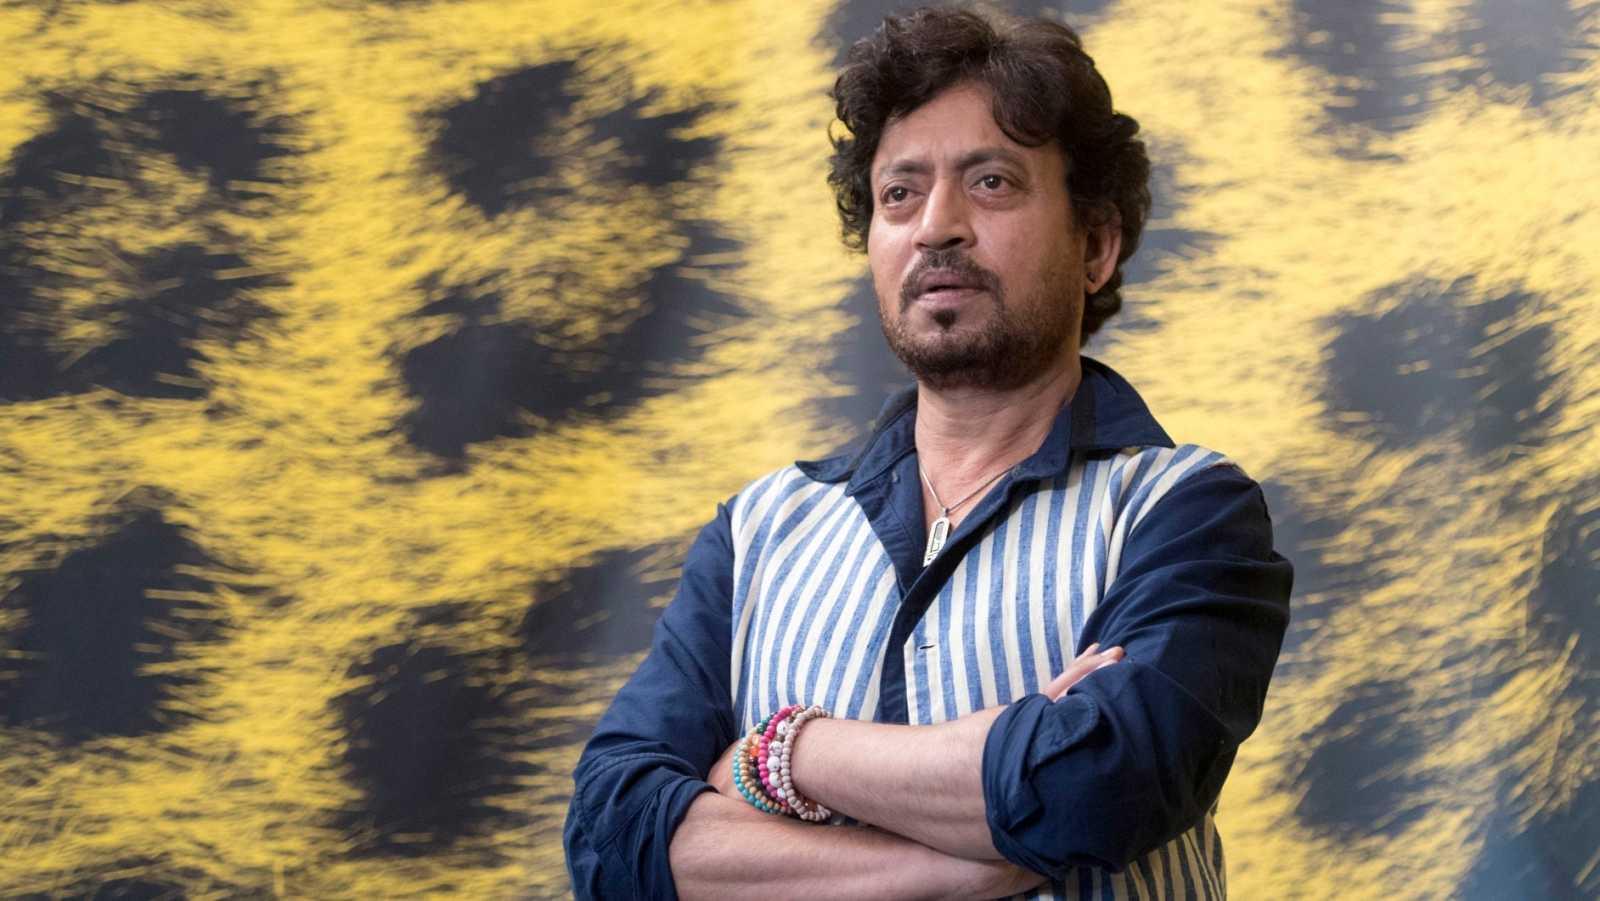 Muere Irrfan Khan, actor de Slumdog Millionaire, a los 53 años